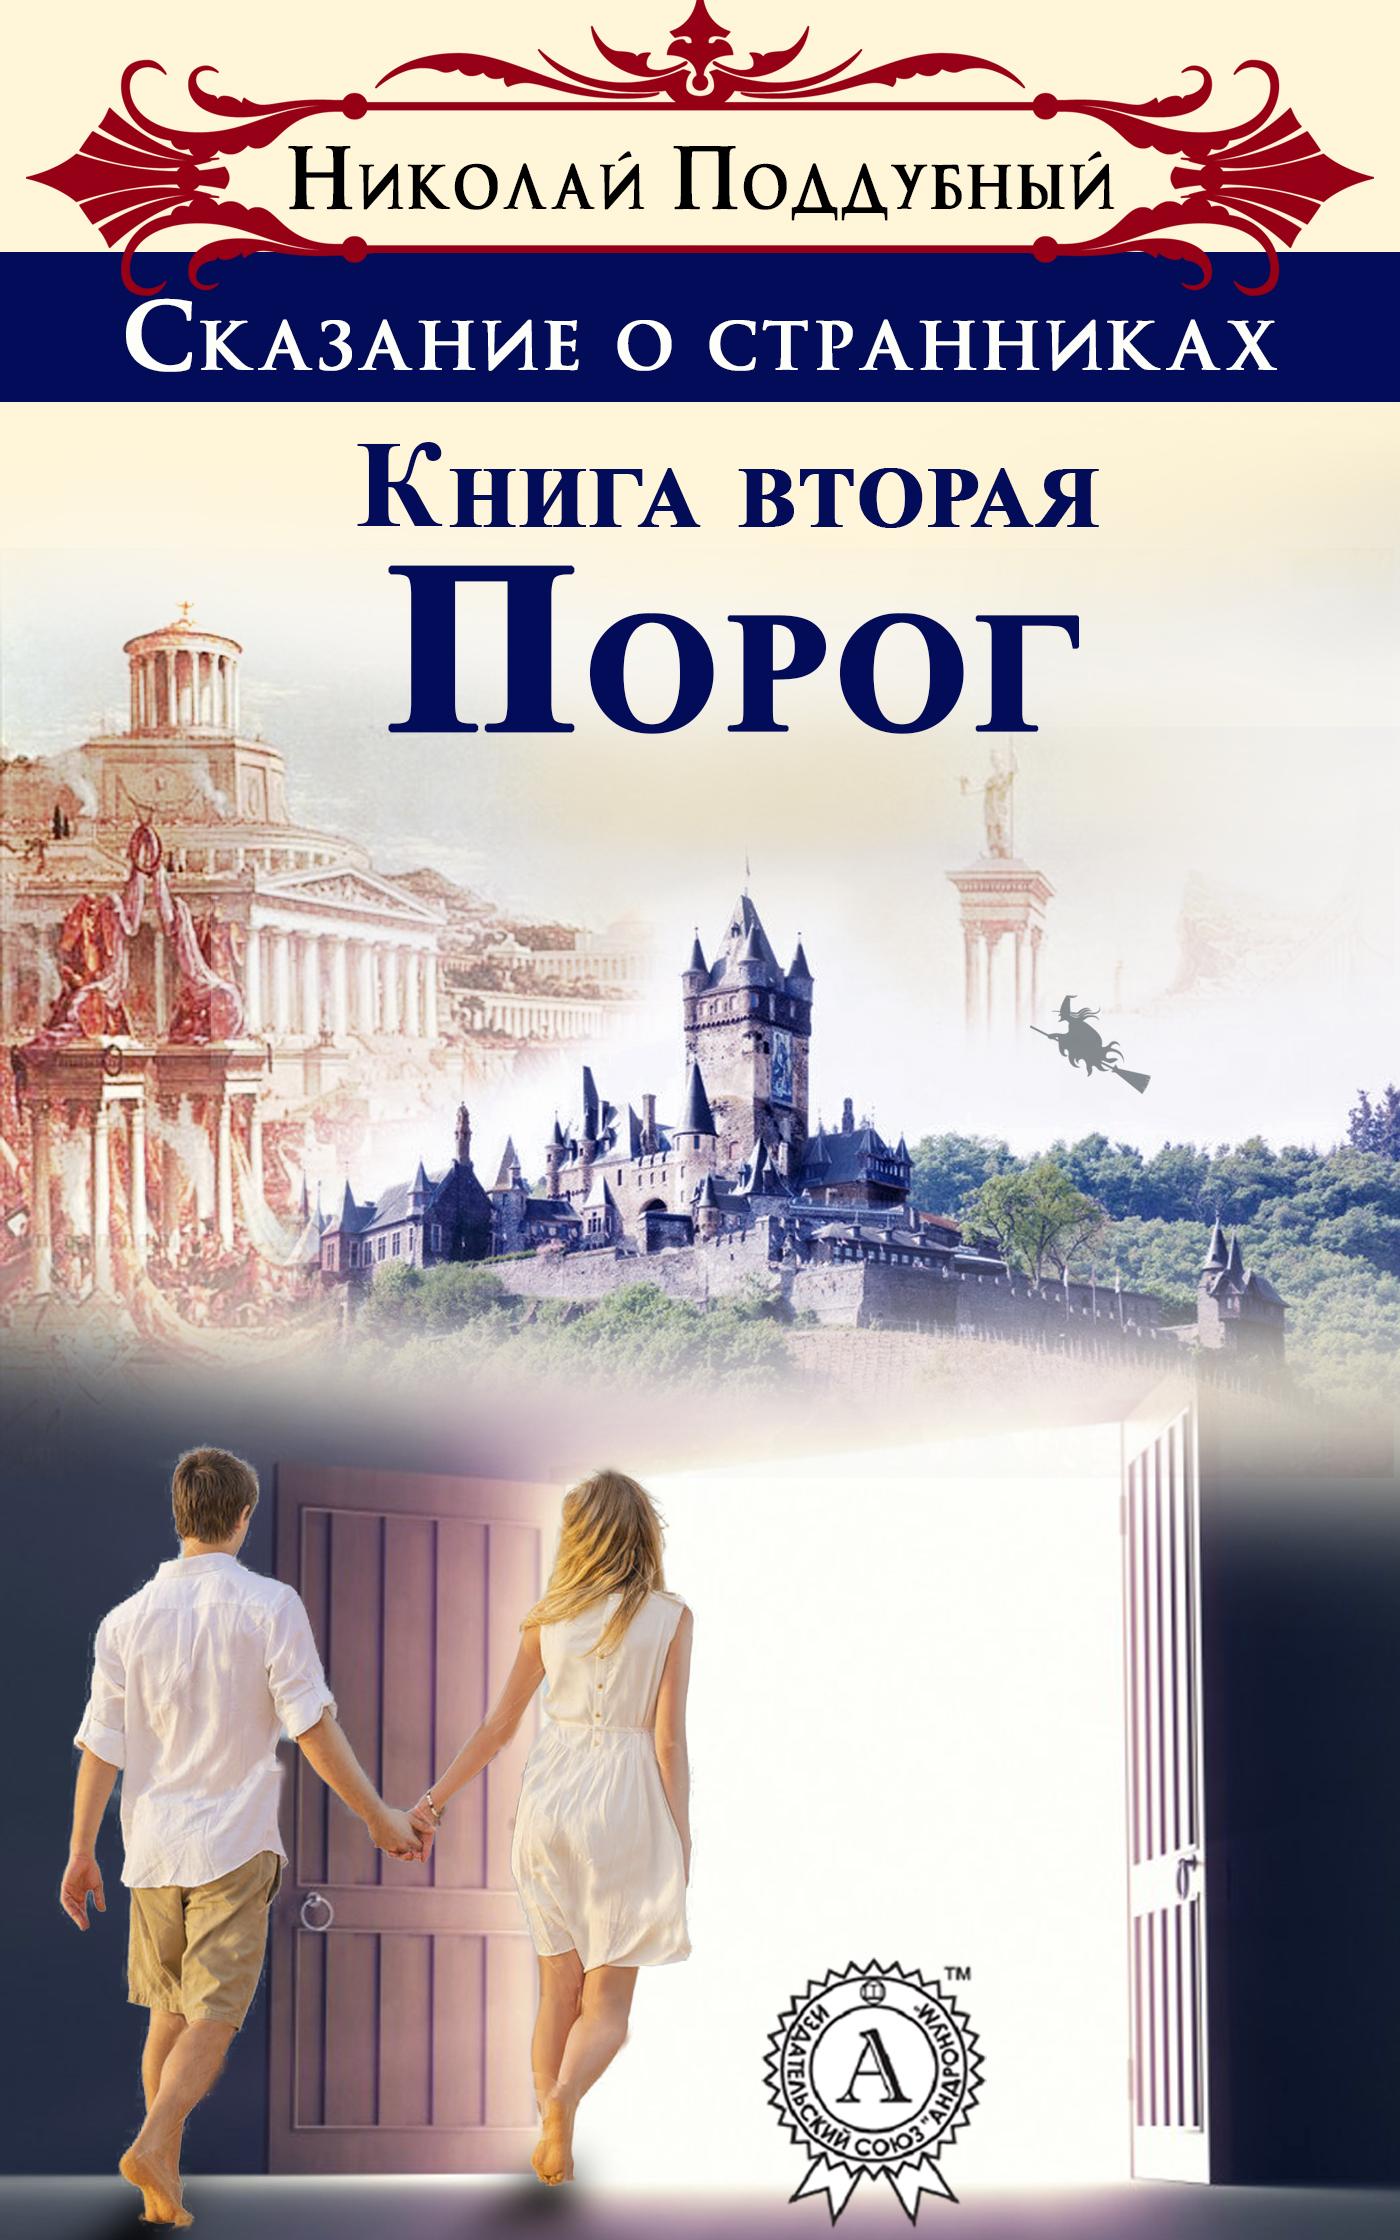 занимательное описание в книге Николай Поддубный